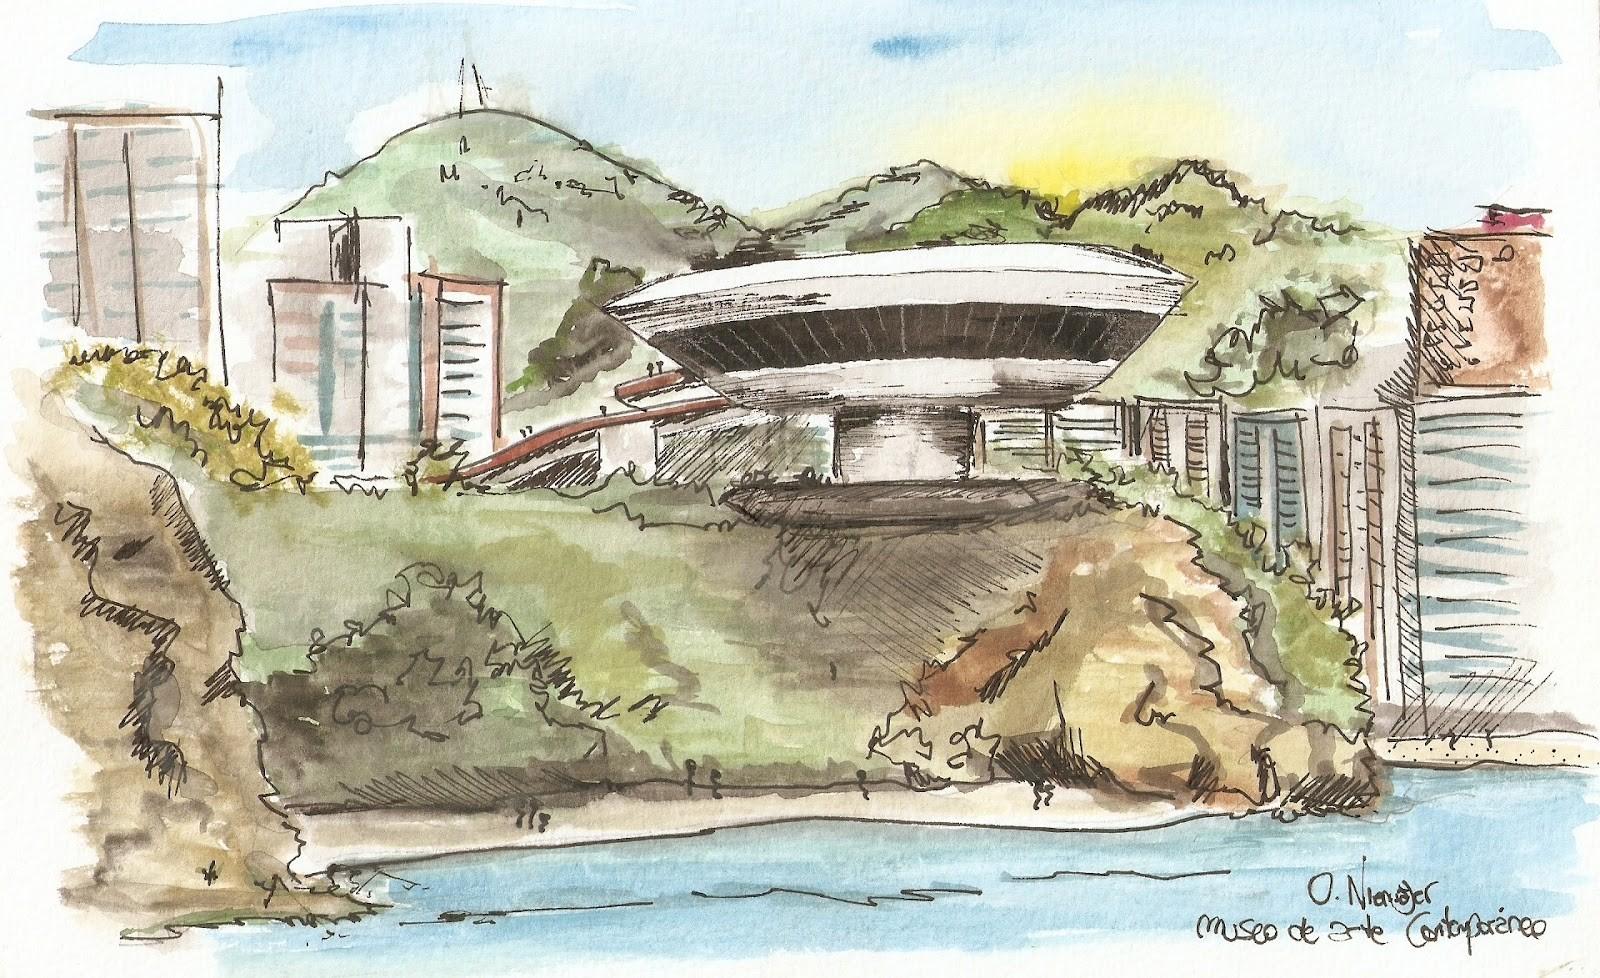 Galer a de arte y arquitectura t cnicas mixtas de for 5 tecnicas de la arquitectura